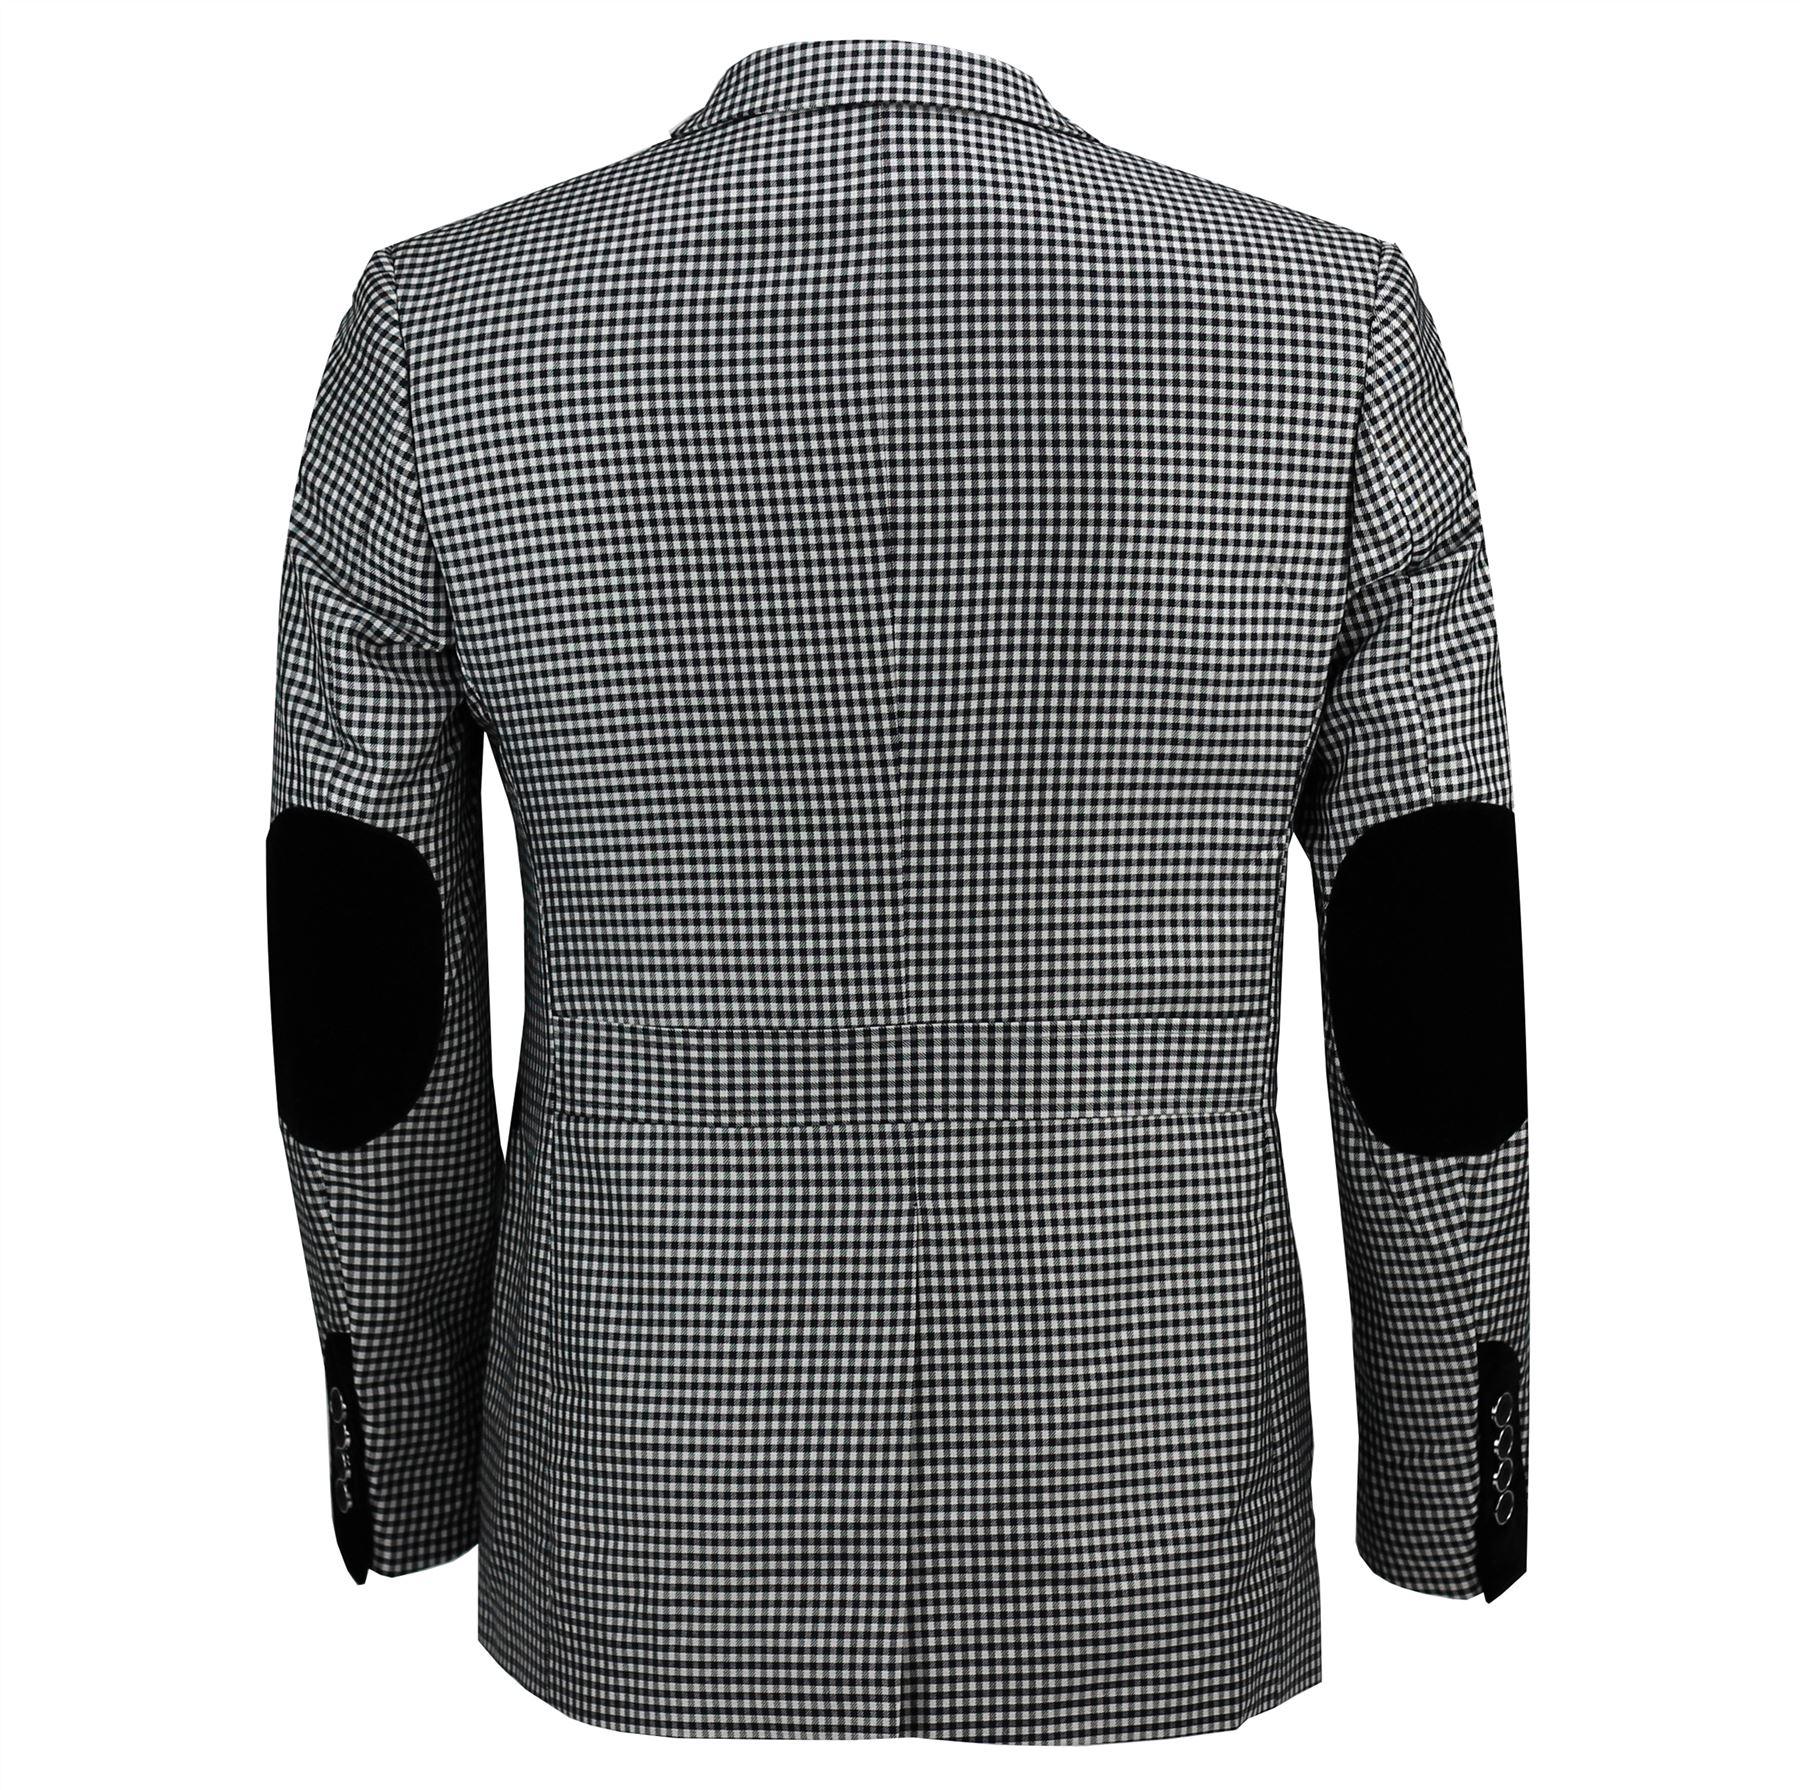 60s mod clothing retro style black & white blazer jacket for men. uk modshopping blazer jacket.